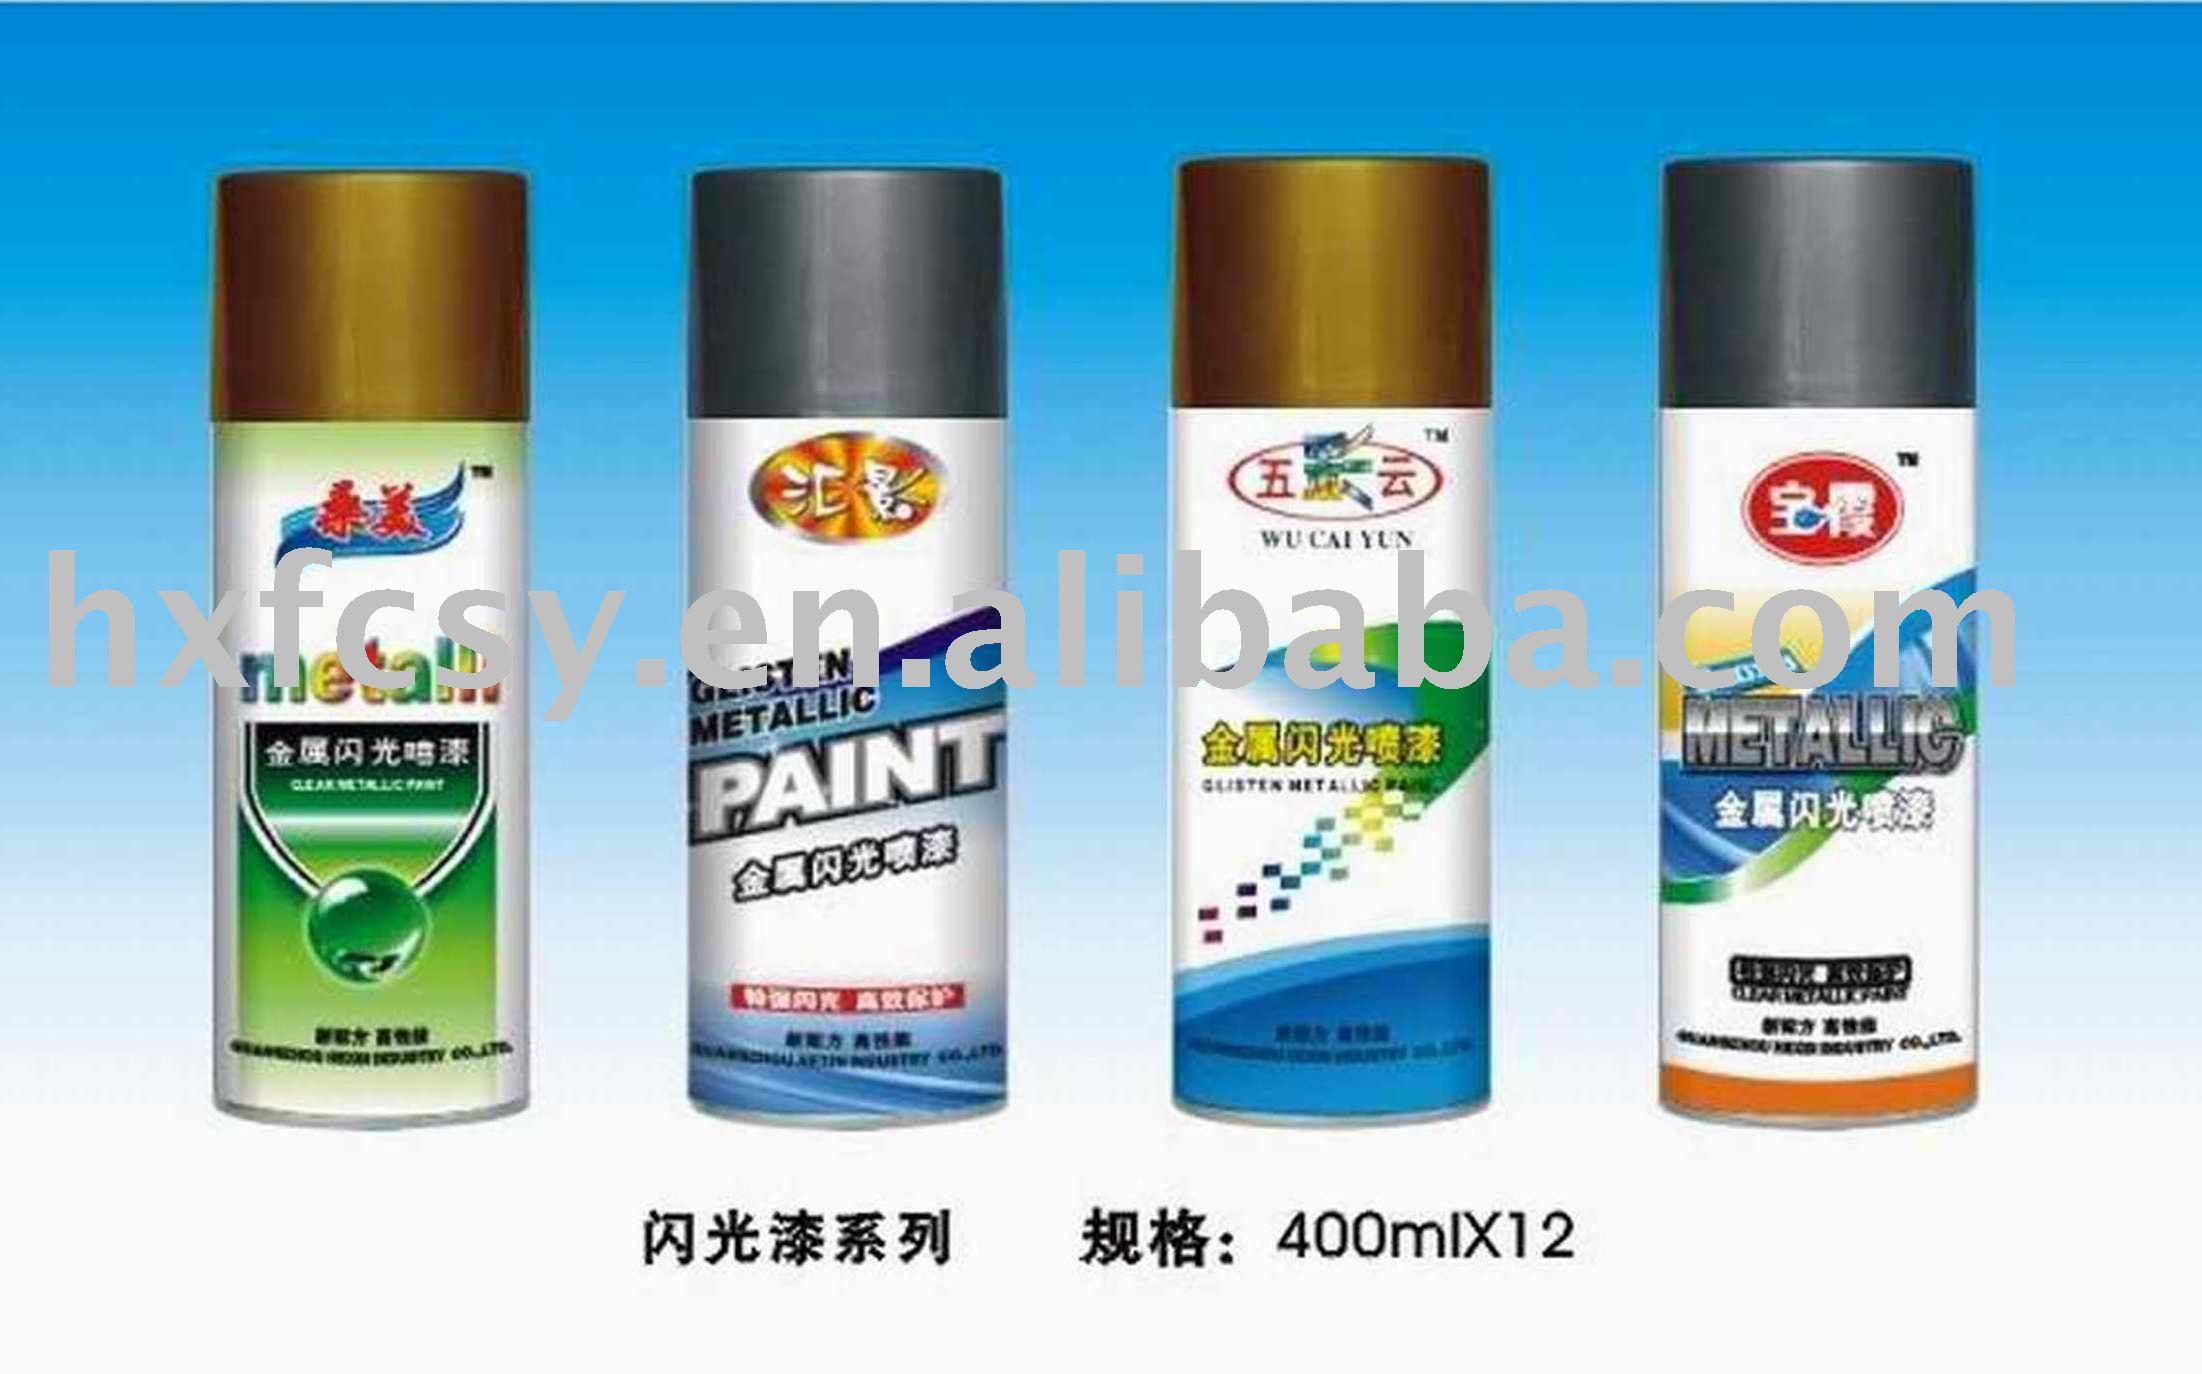 Acrylic Auto Aerosol Spray Paint Buy Acrylic Auto Aerosol Spray Paint Acrylic Auto Aerosol